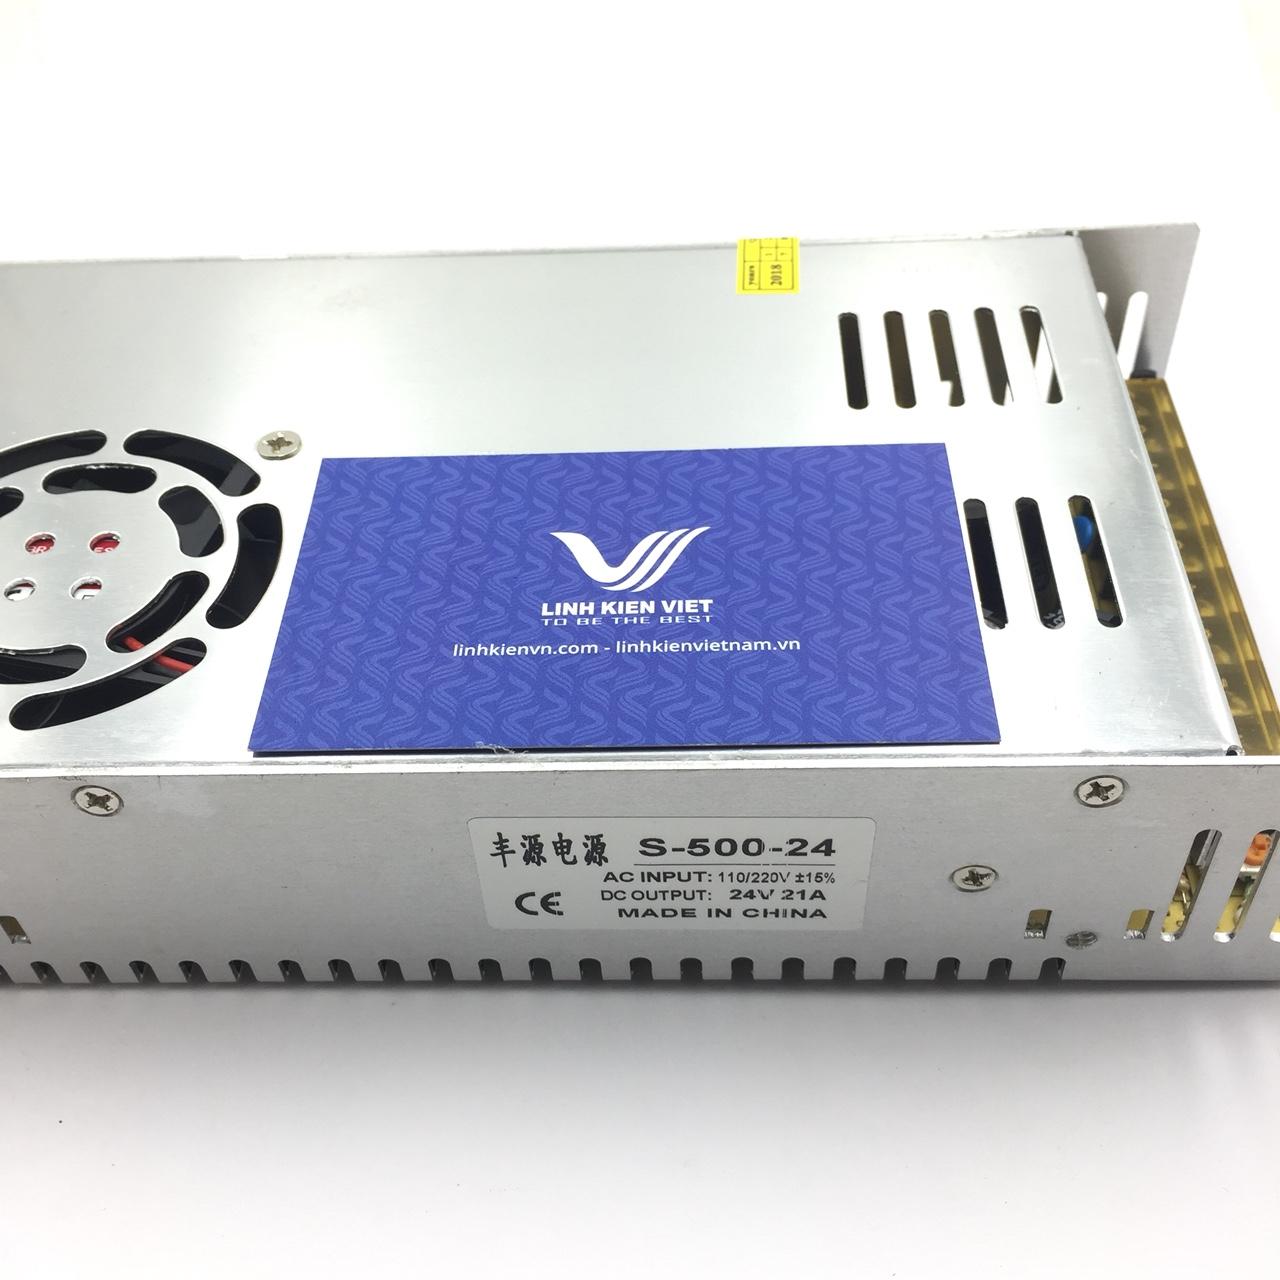 Nguồn tổ ong 24V 21A S-500-24